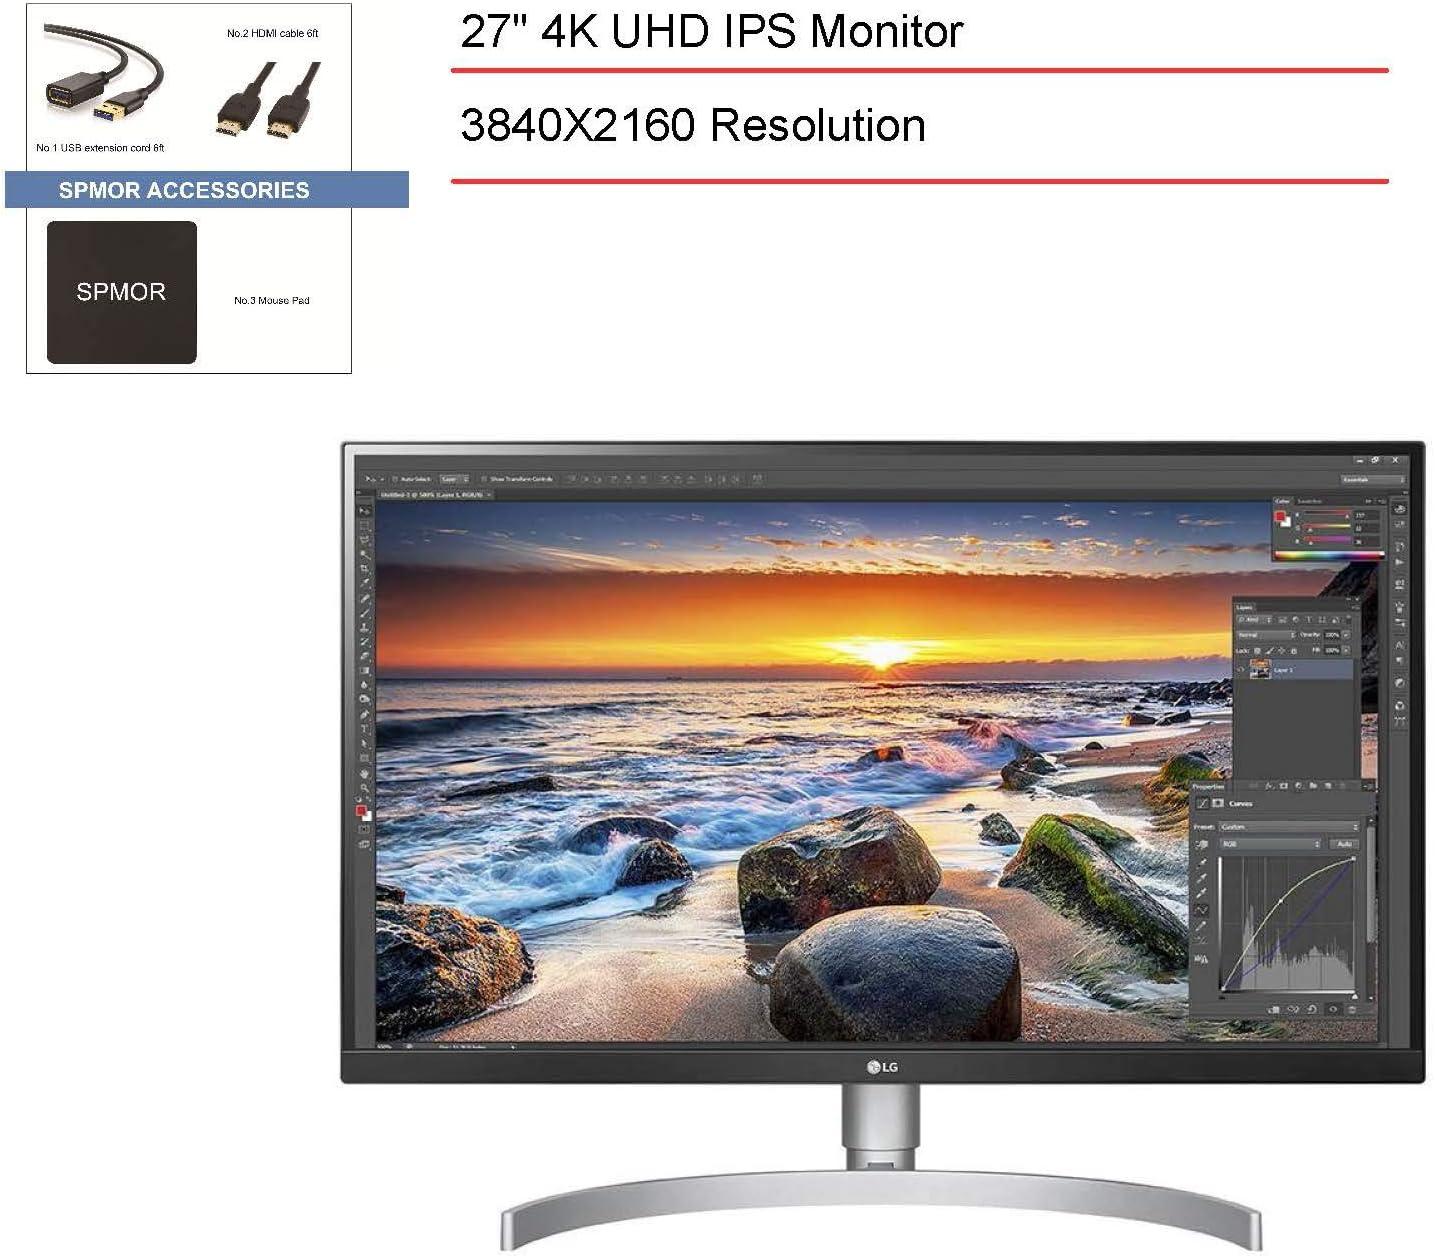 2020 LG Monitor USB tipo C de 27 pulgadas IPS HDR10 UHD 4K (3840 x 2160), pantalla de 3 lados sin bordes antirreflejos 3H, tiempo de respuesta de 5 ms, brillo máximo